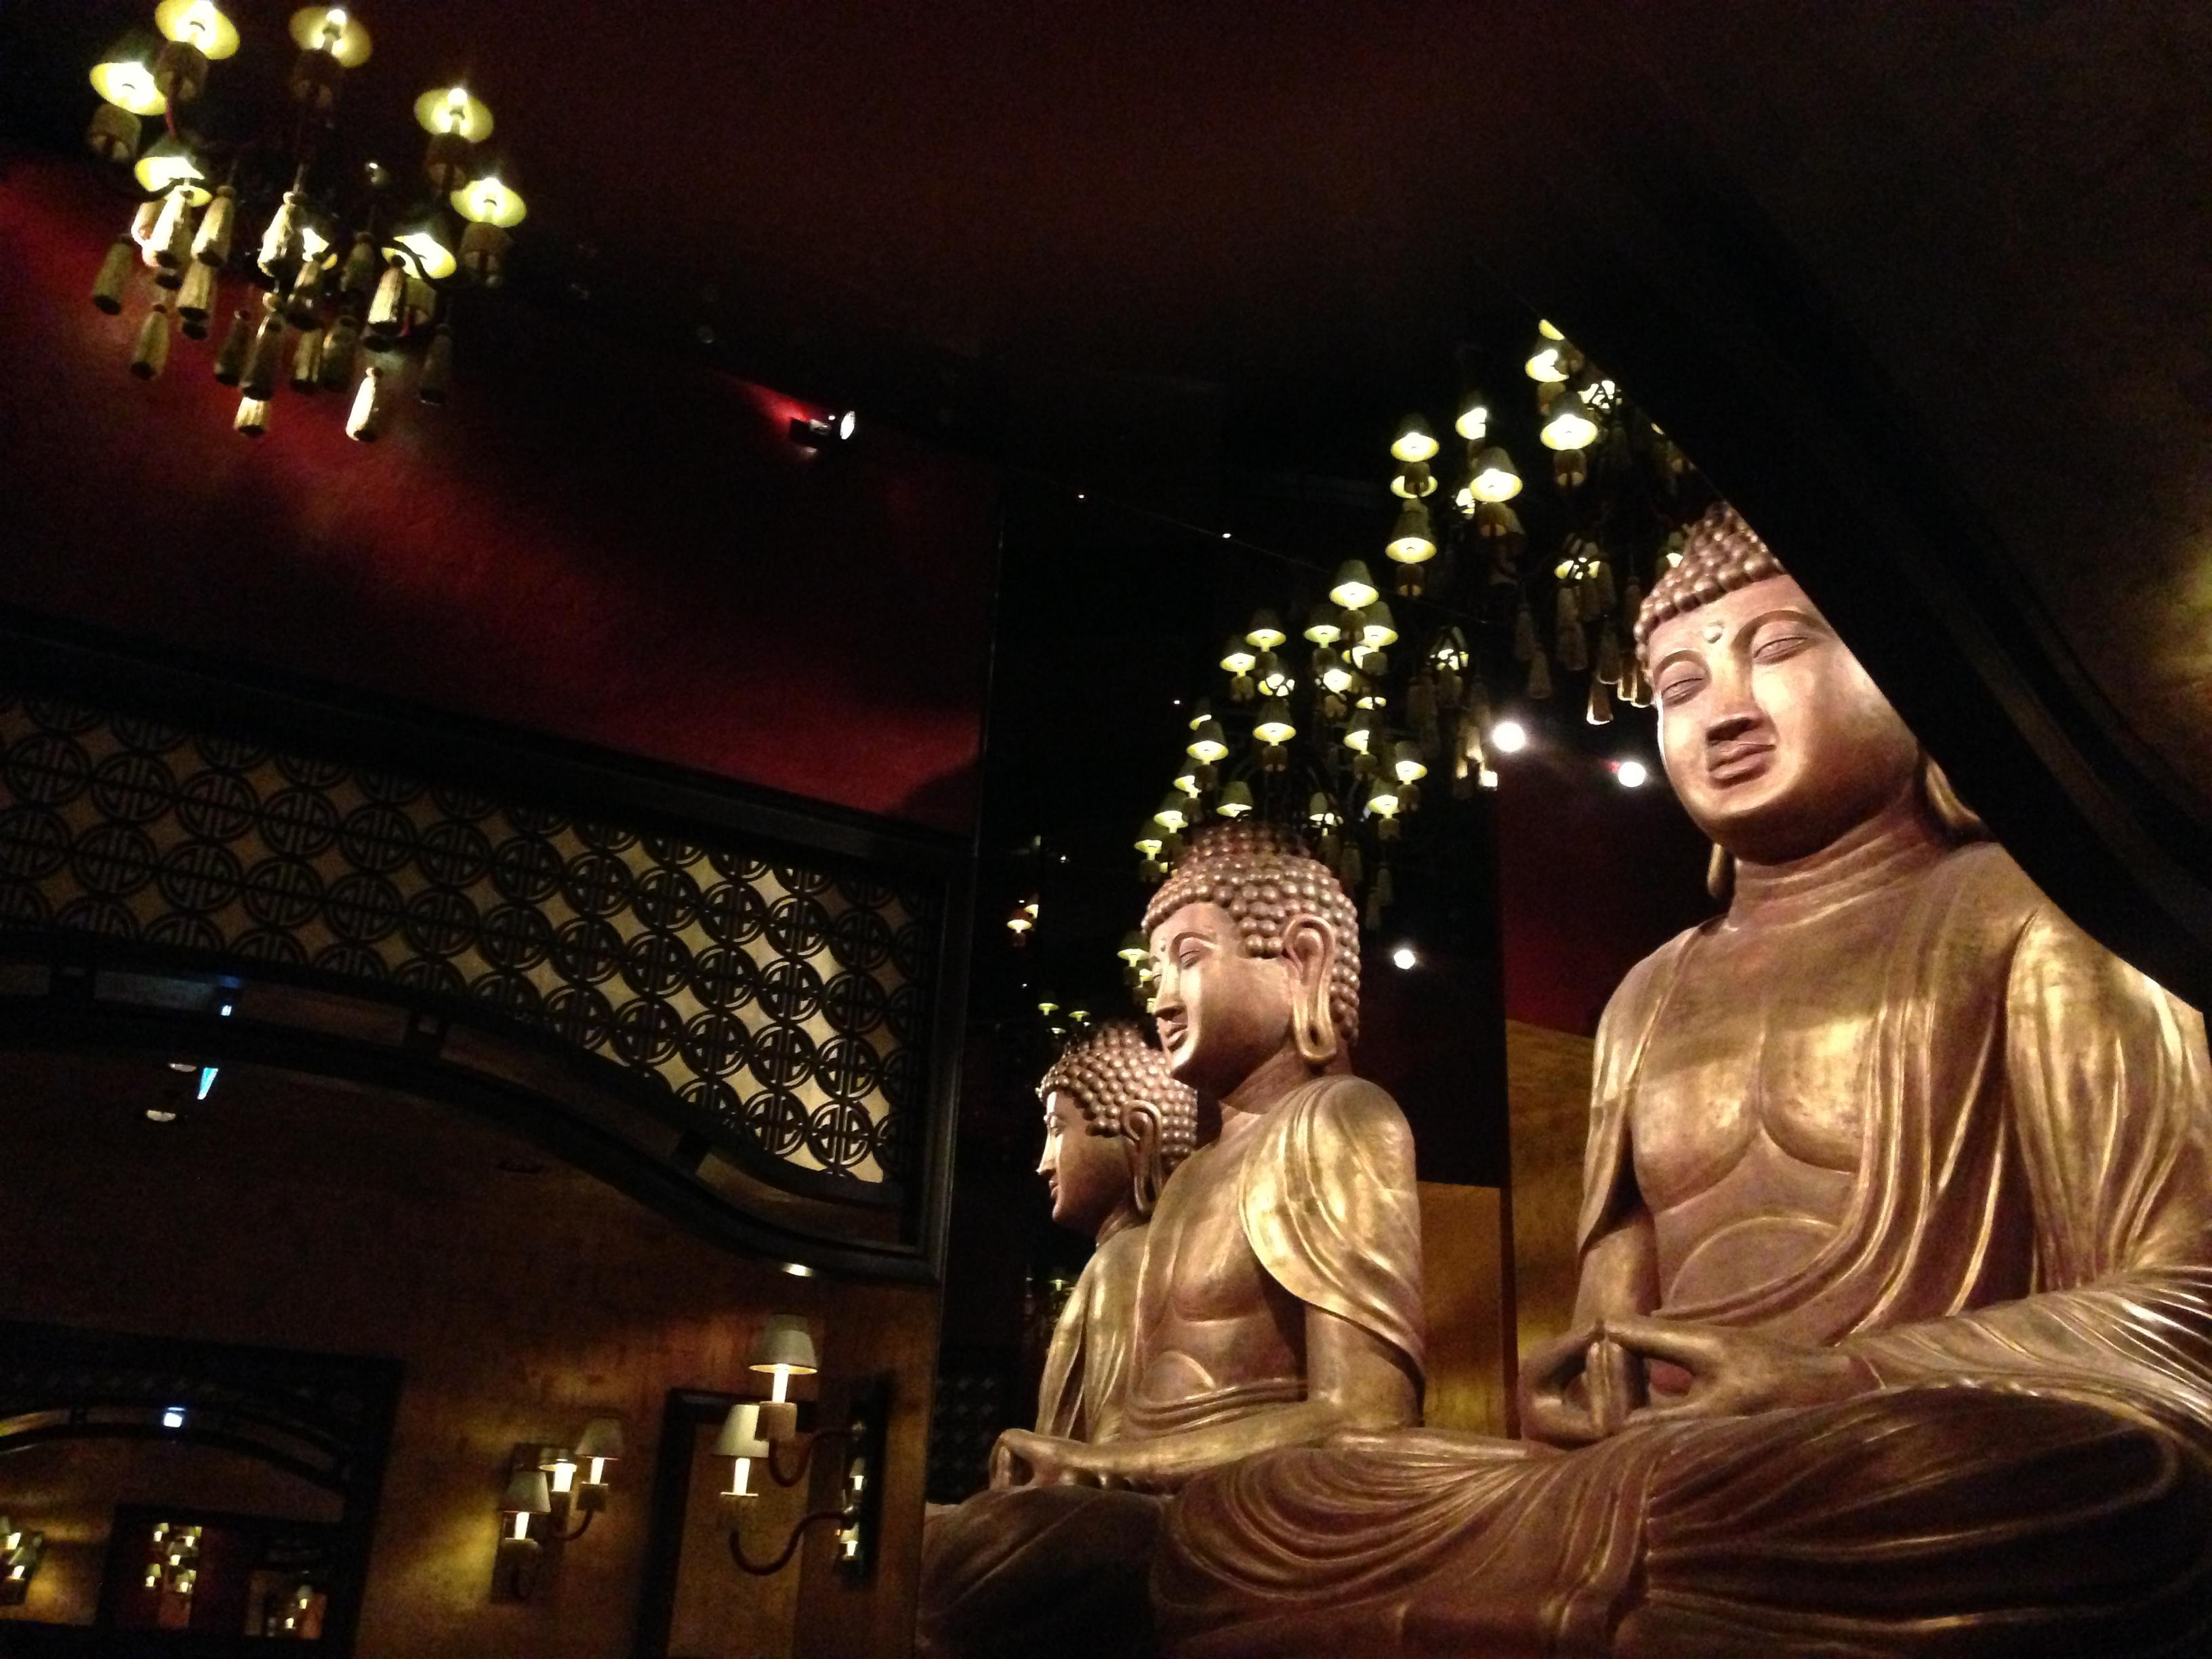 Buddha Statues in Buddha-Bar Restaurant